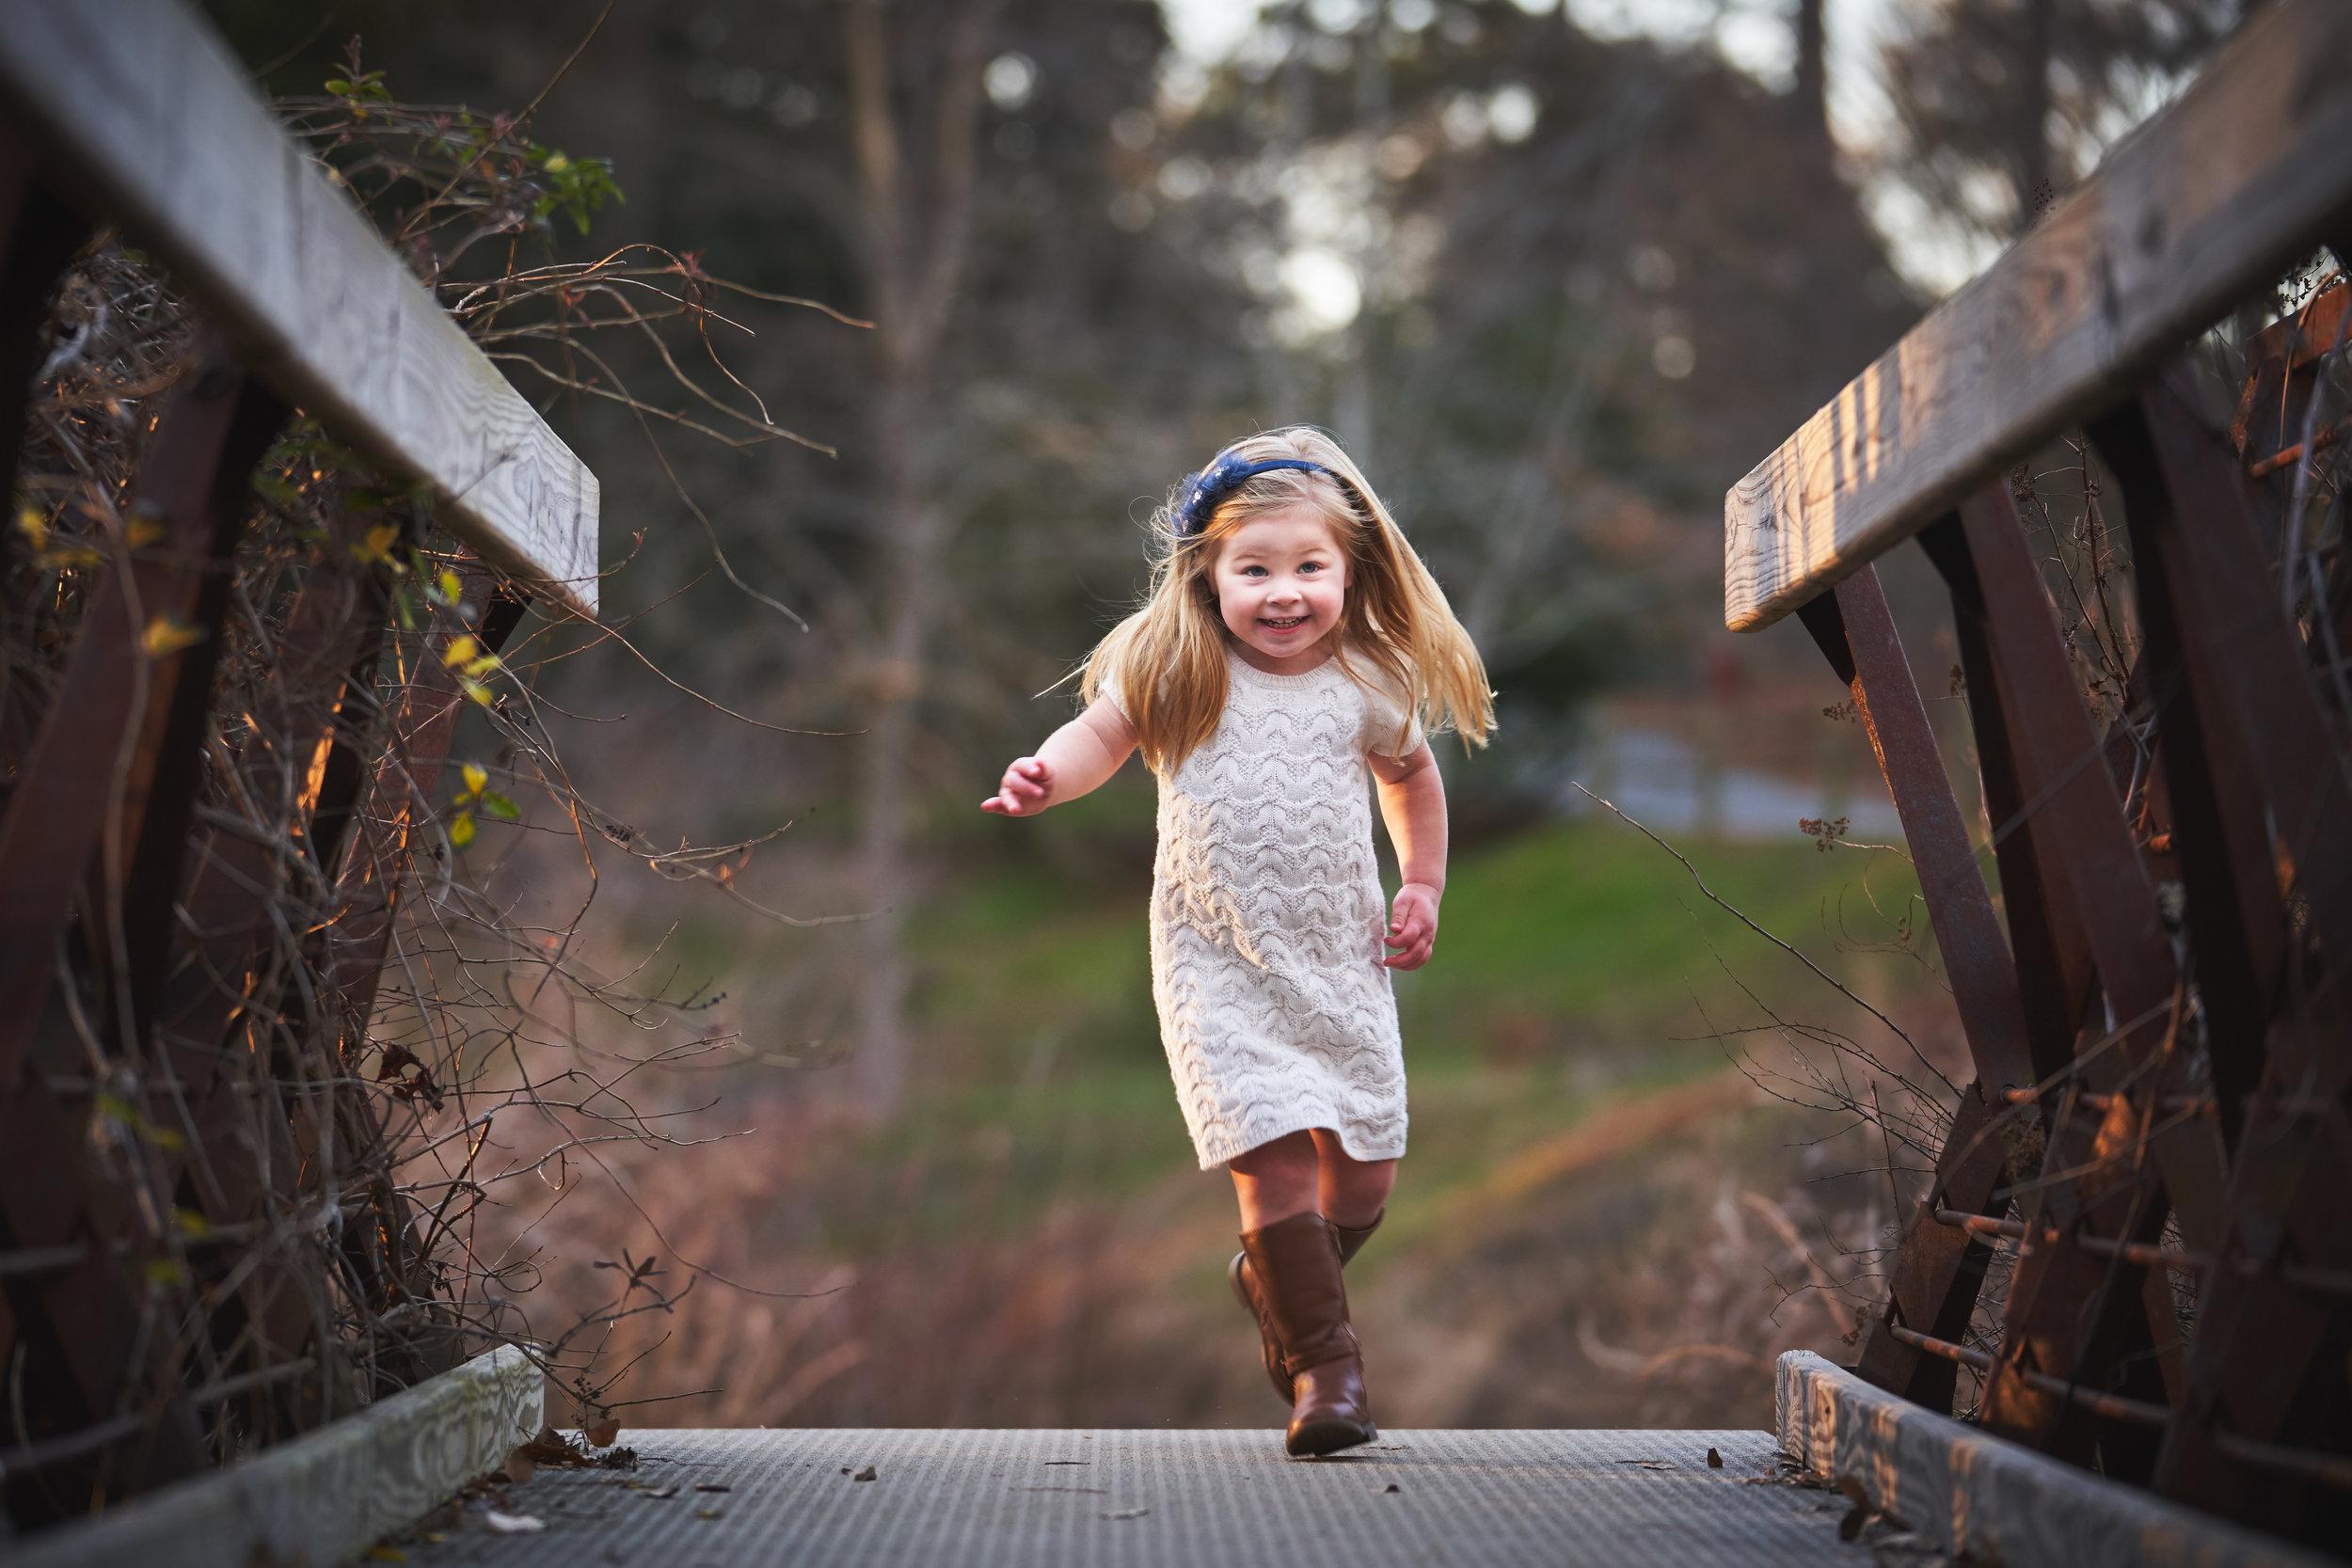 Little girl running | Family Photo Session at the Clemson Botanical Gardens